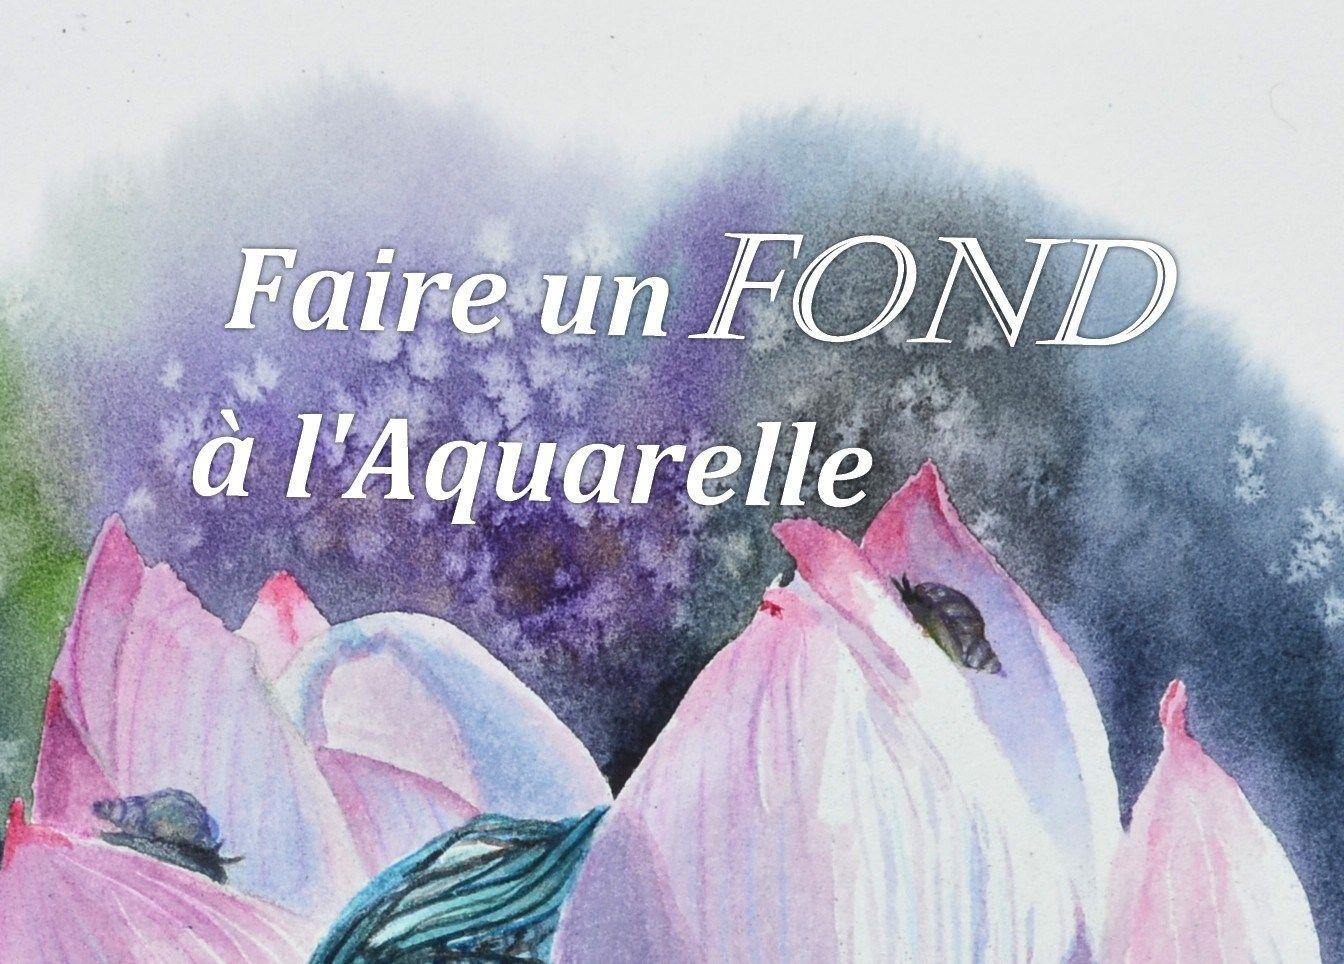 Peindre Un Fond A L Aquarelle Debutants Aquarelle Conseils